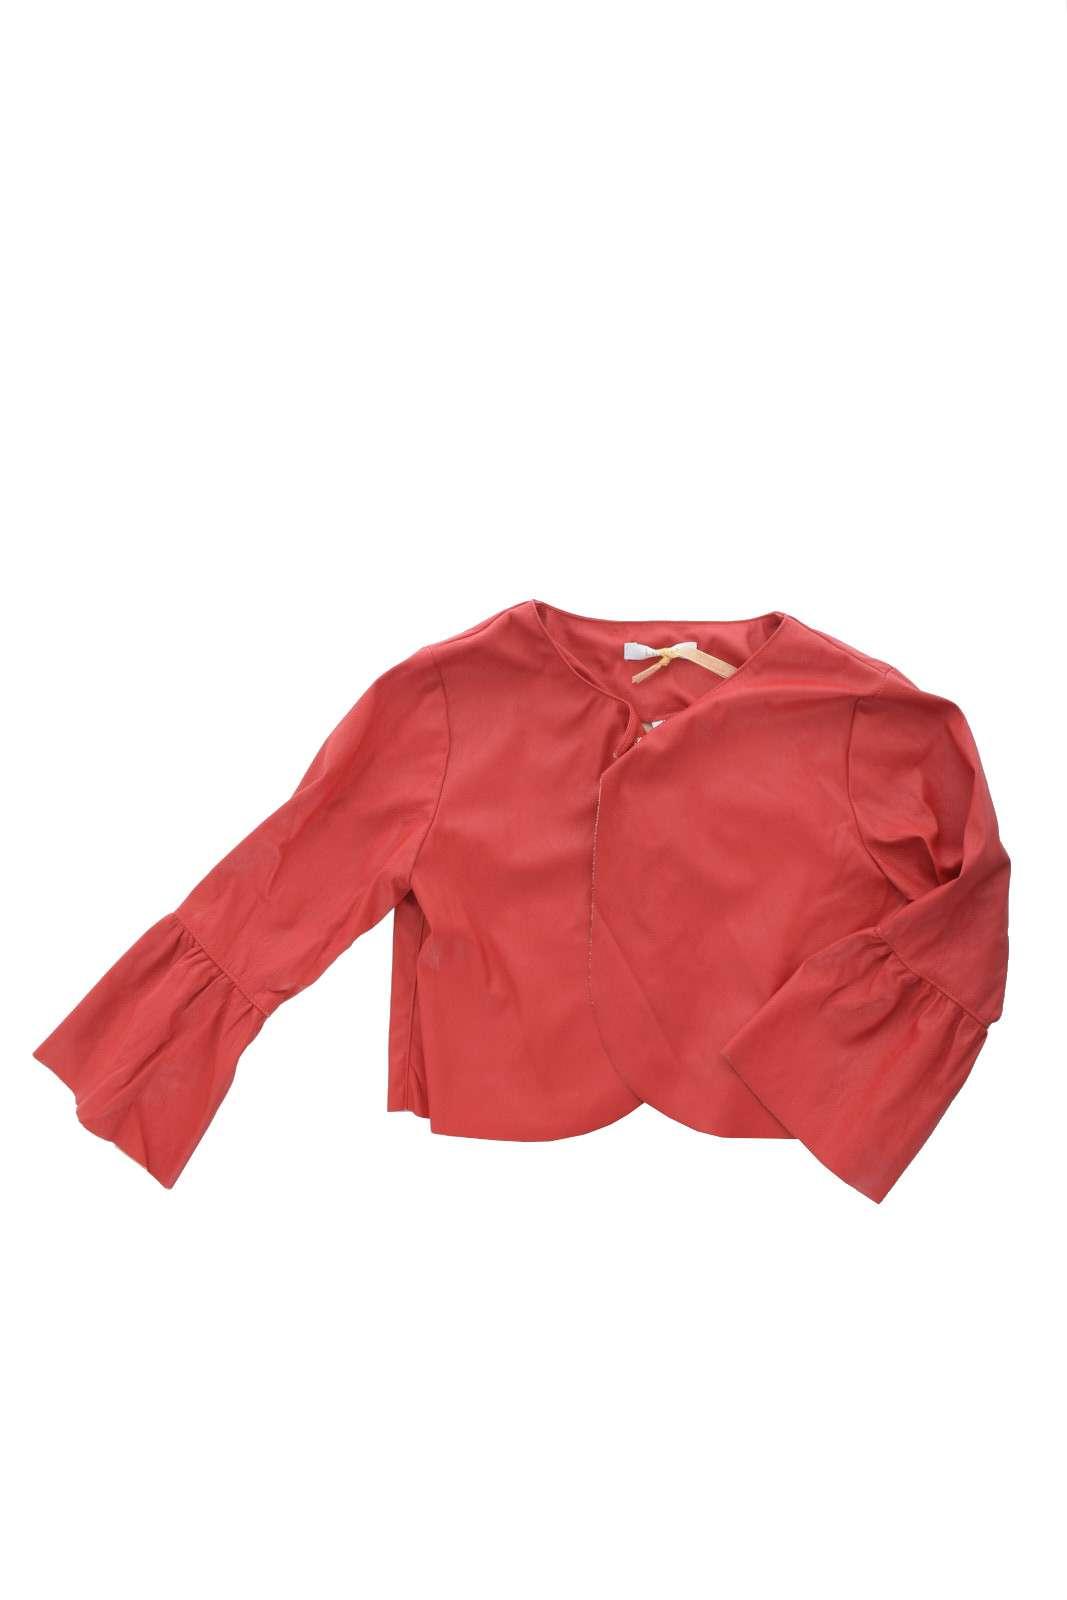 Semplice e chic, questa giacchina firmata Liu Jo, interamente realizzata in ecopelle. Per outfit sobri e raffinati, da sfruttare per le occasioni più eleganti.